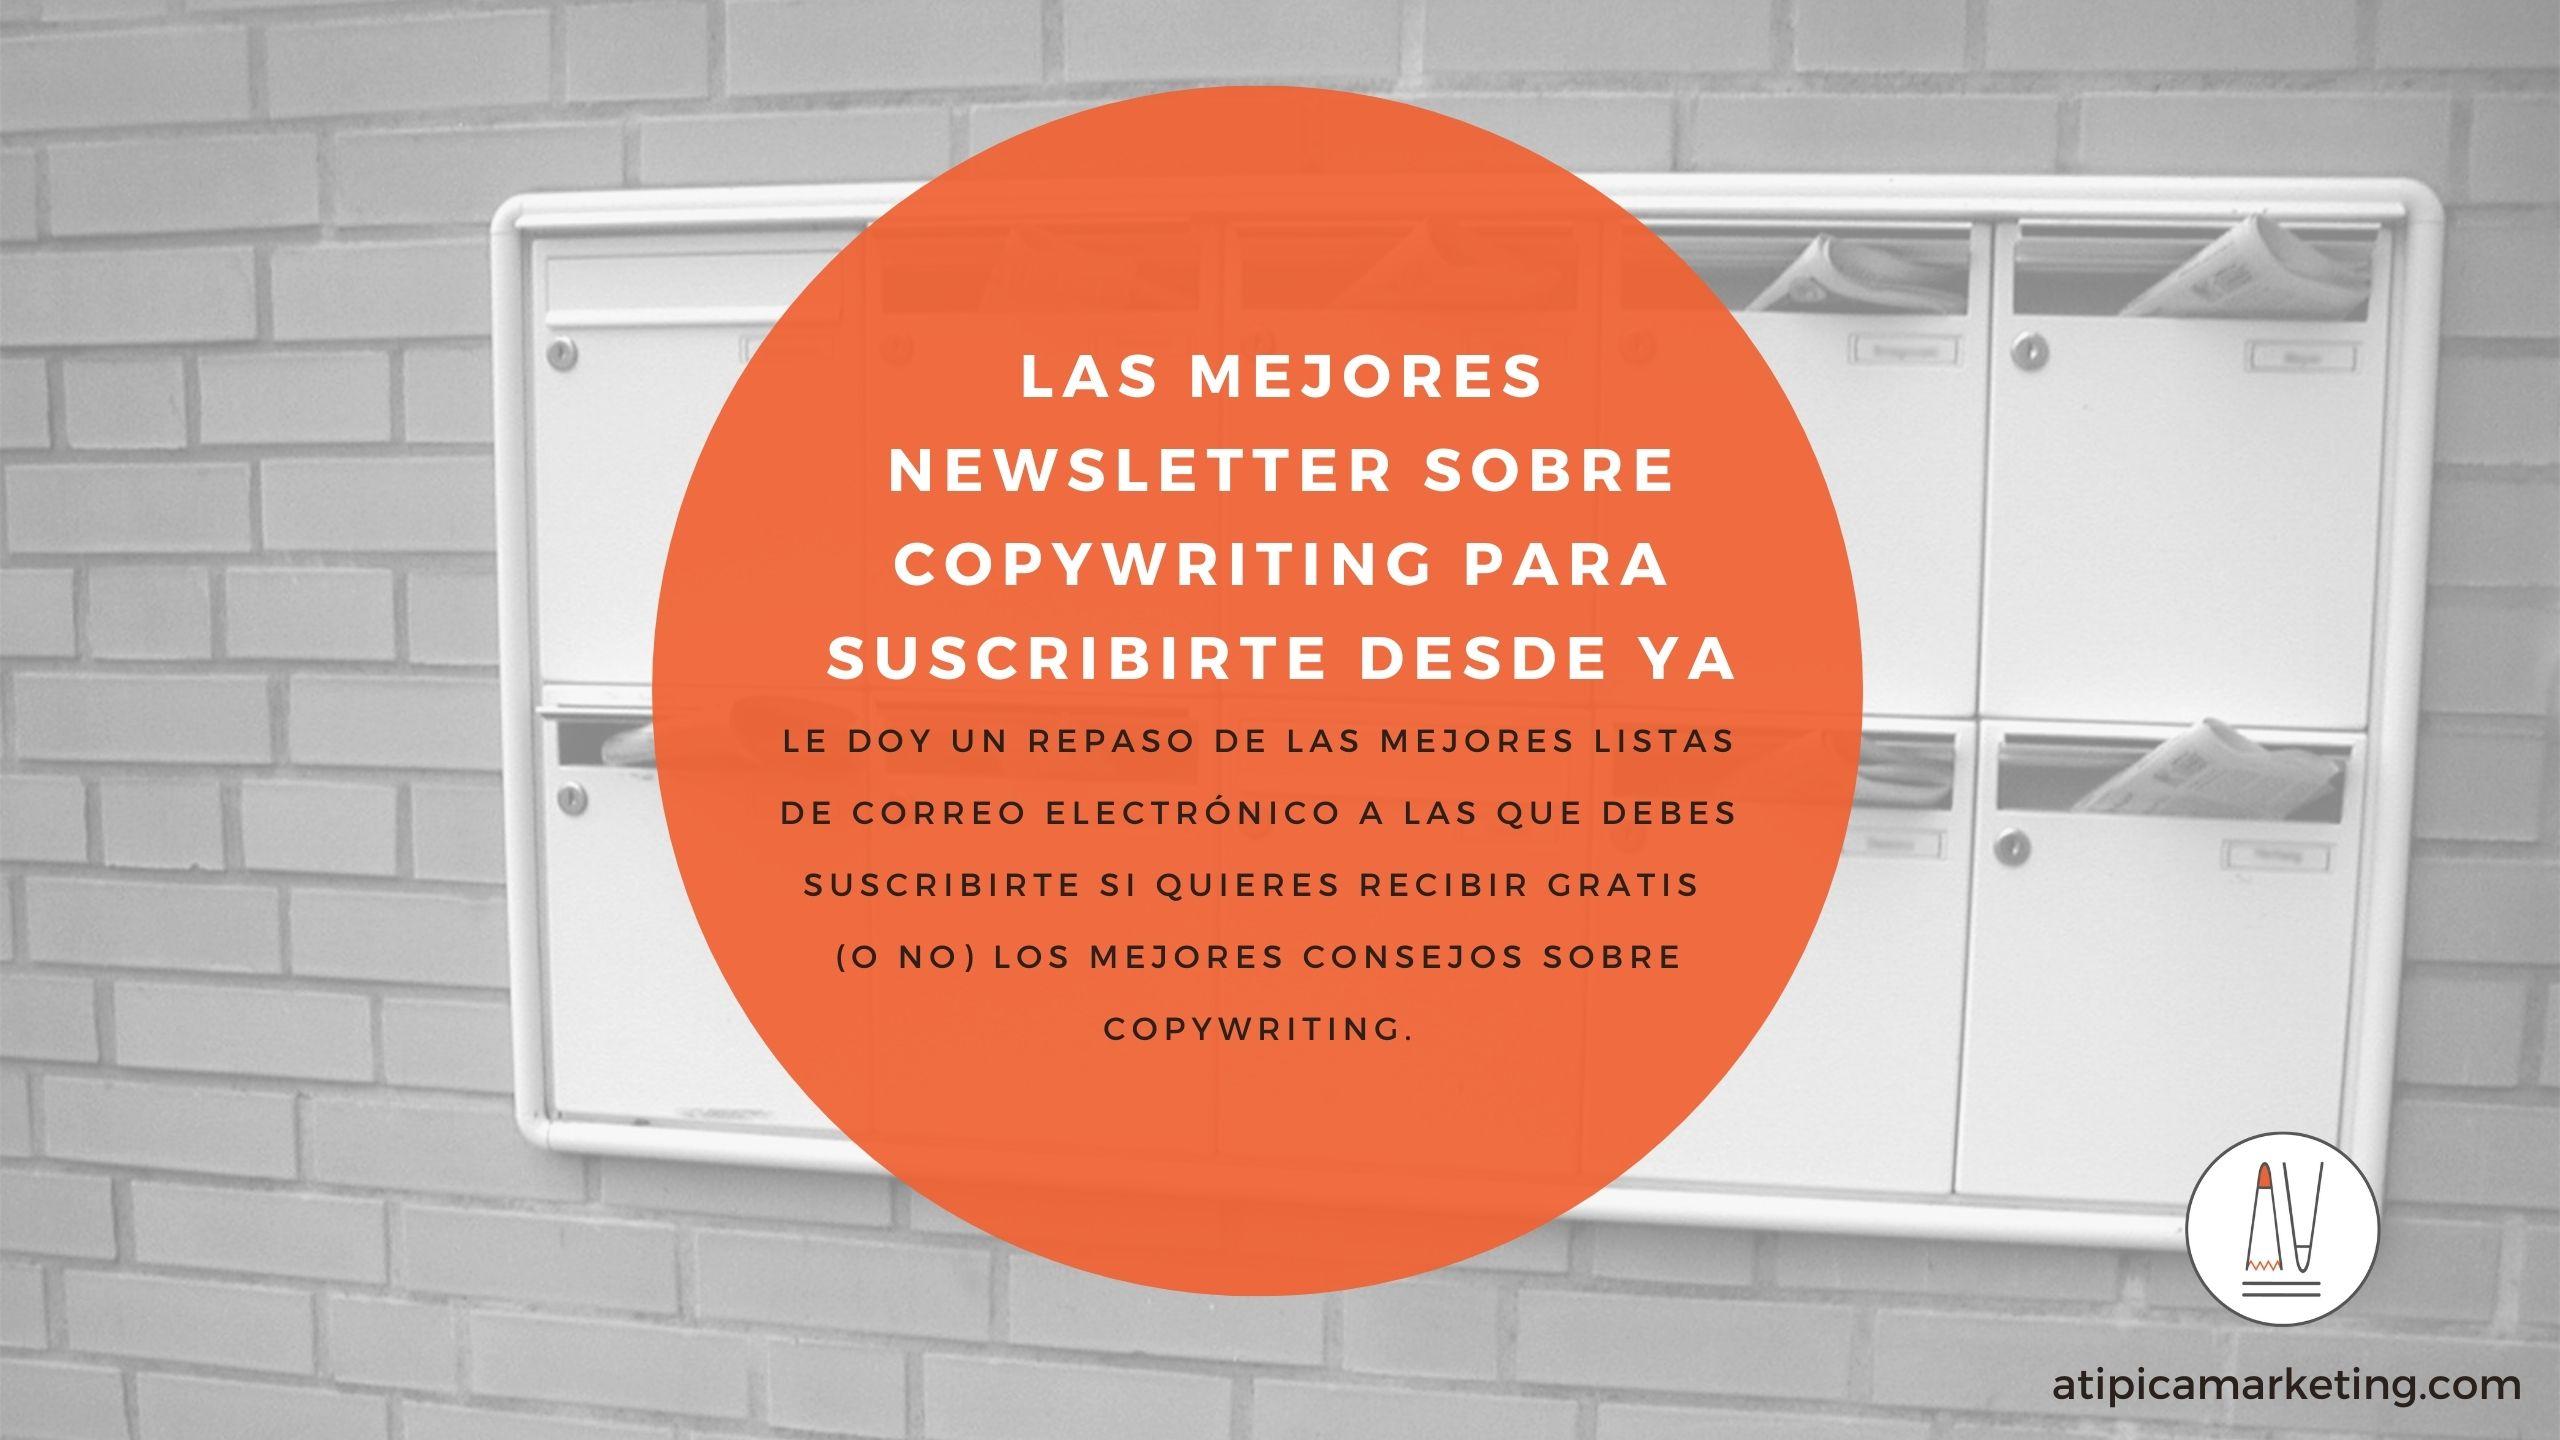 Las mejores newsletters de copy